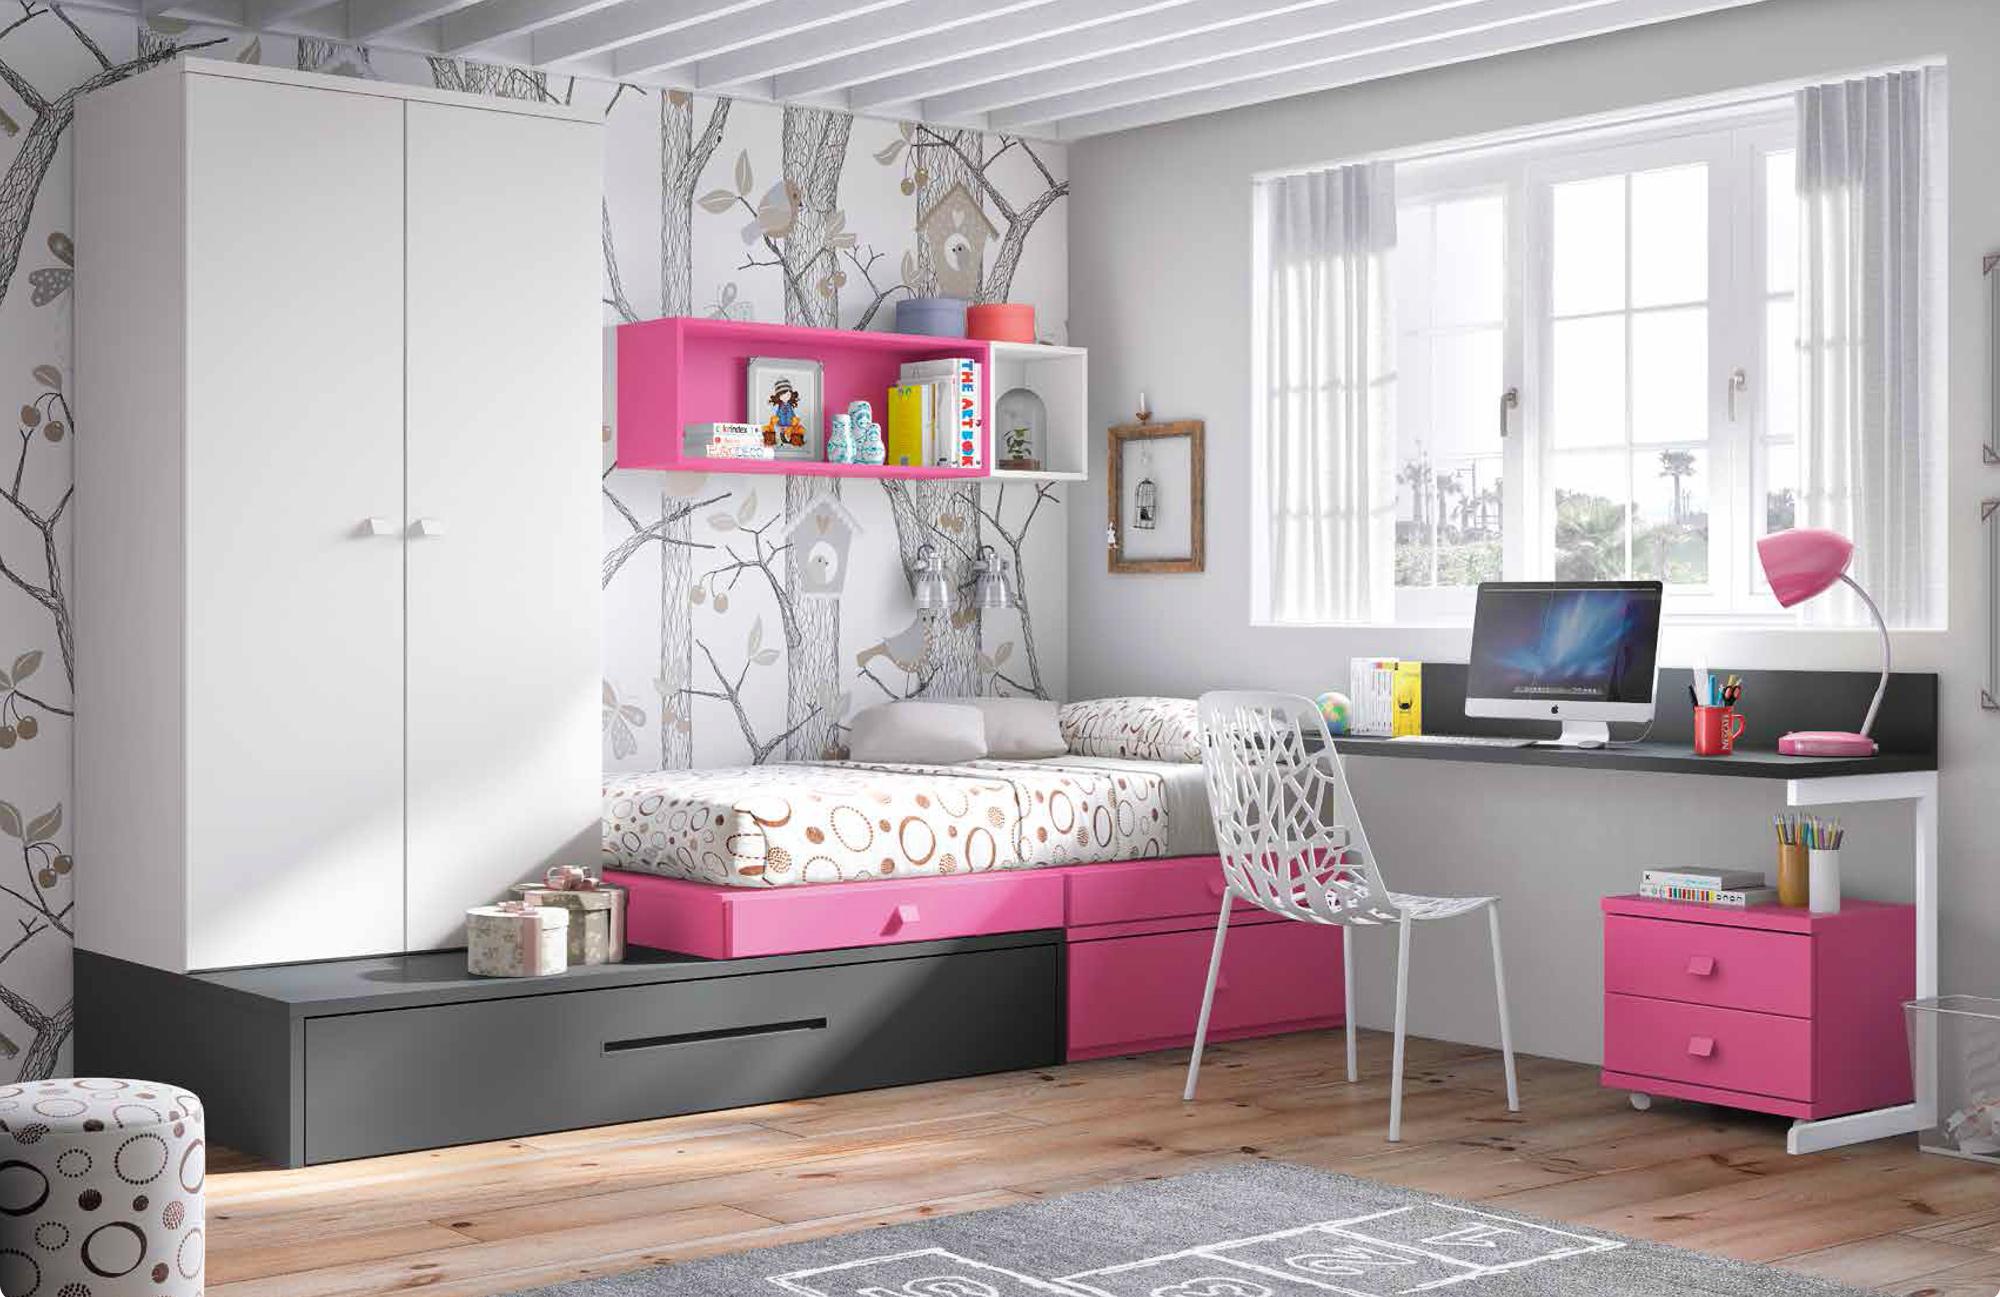 tous les conseils pour am nager une petite chambre enfant. Black Bedroom Furniture Sets. Home Design Ideas